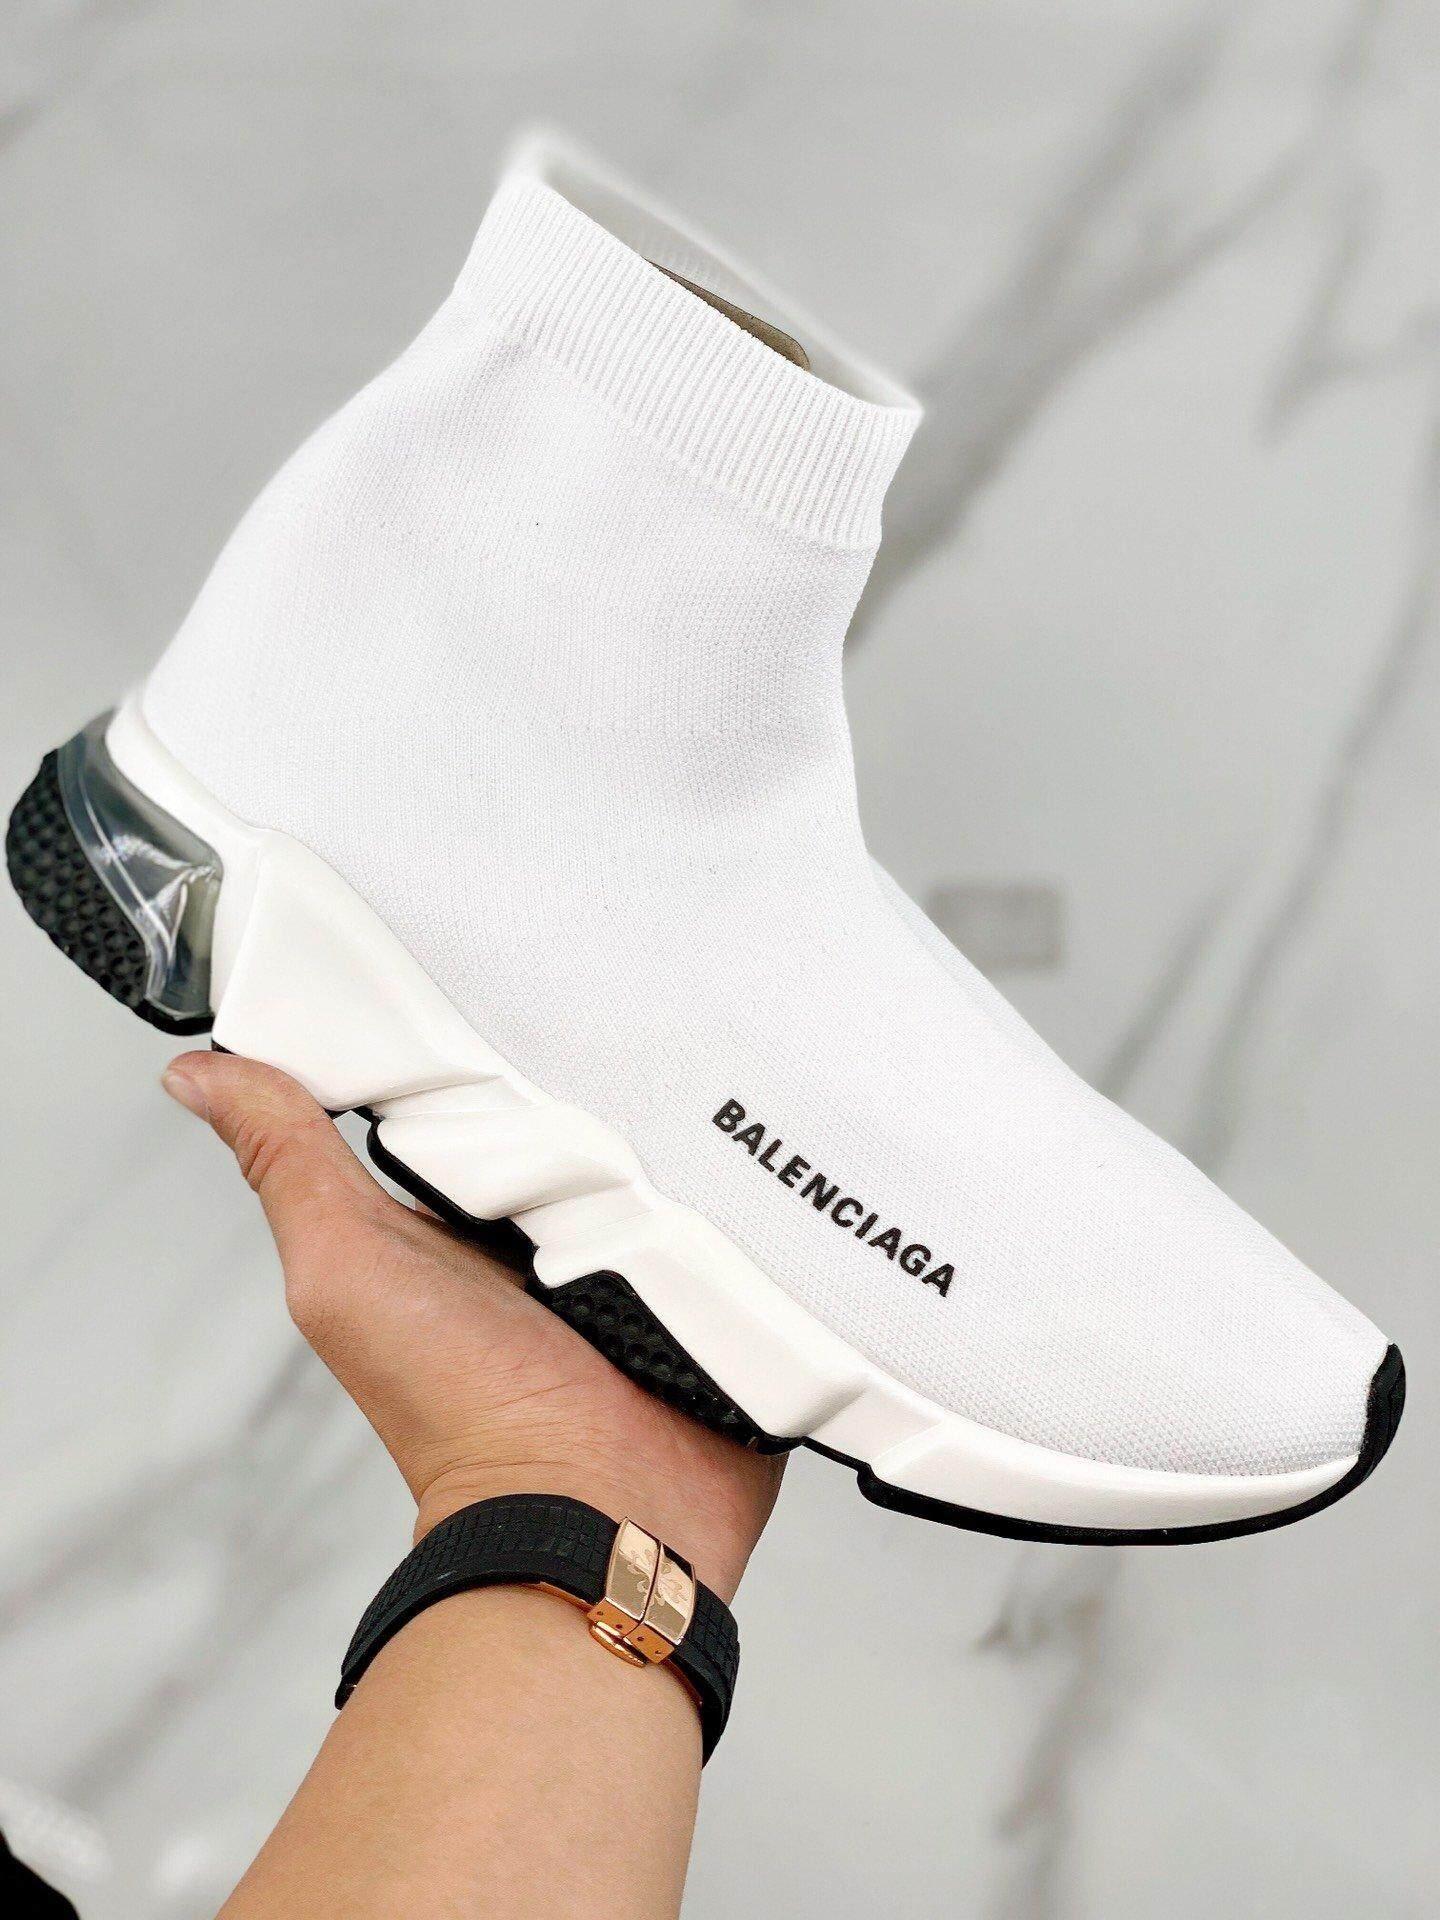 Offer Giảm Giá Balenciaga_socks Giày Lưới Đỏ Thun Cao Cấp Co Giãn Giày Cũ Giày Ins Siêu LỬA Nam Và Nữ Triều Giày Thể Thao Giày